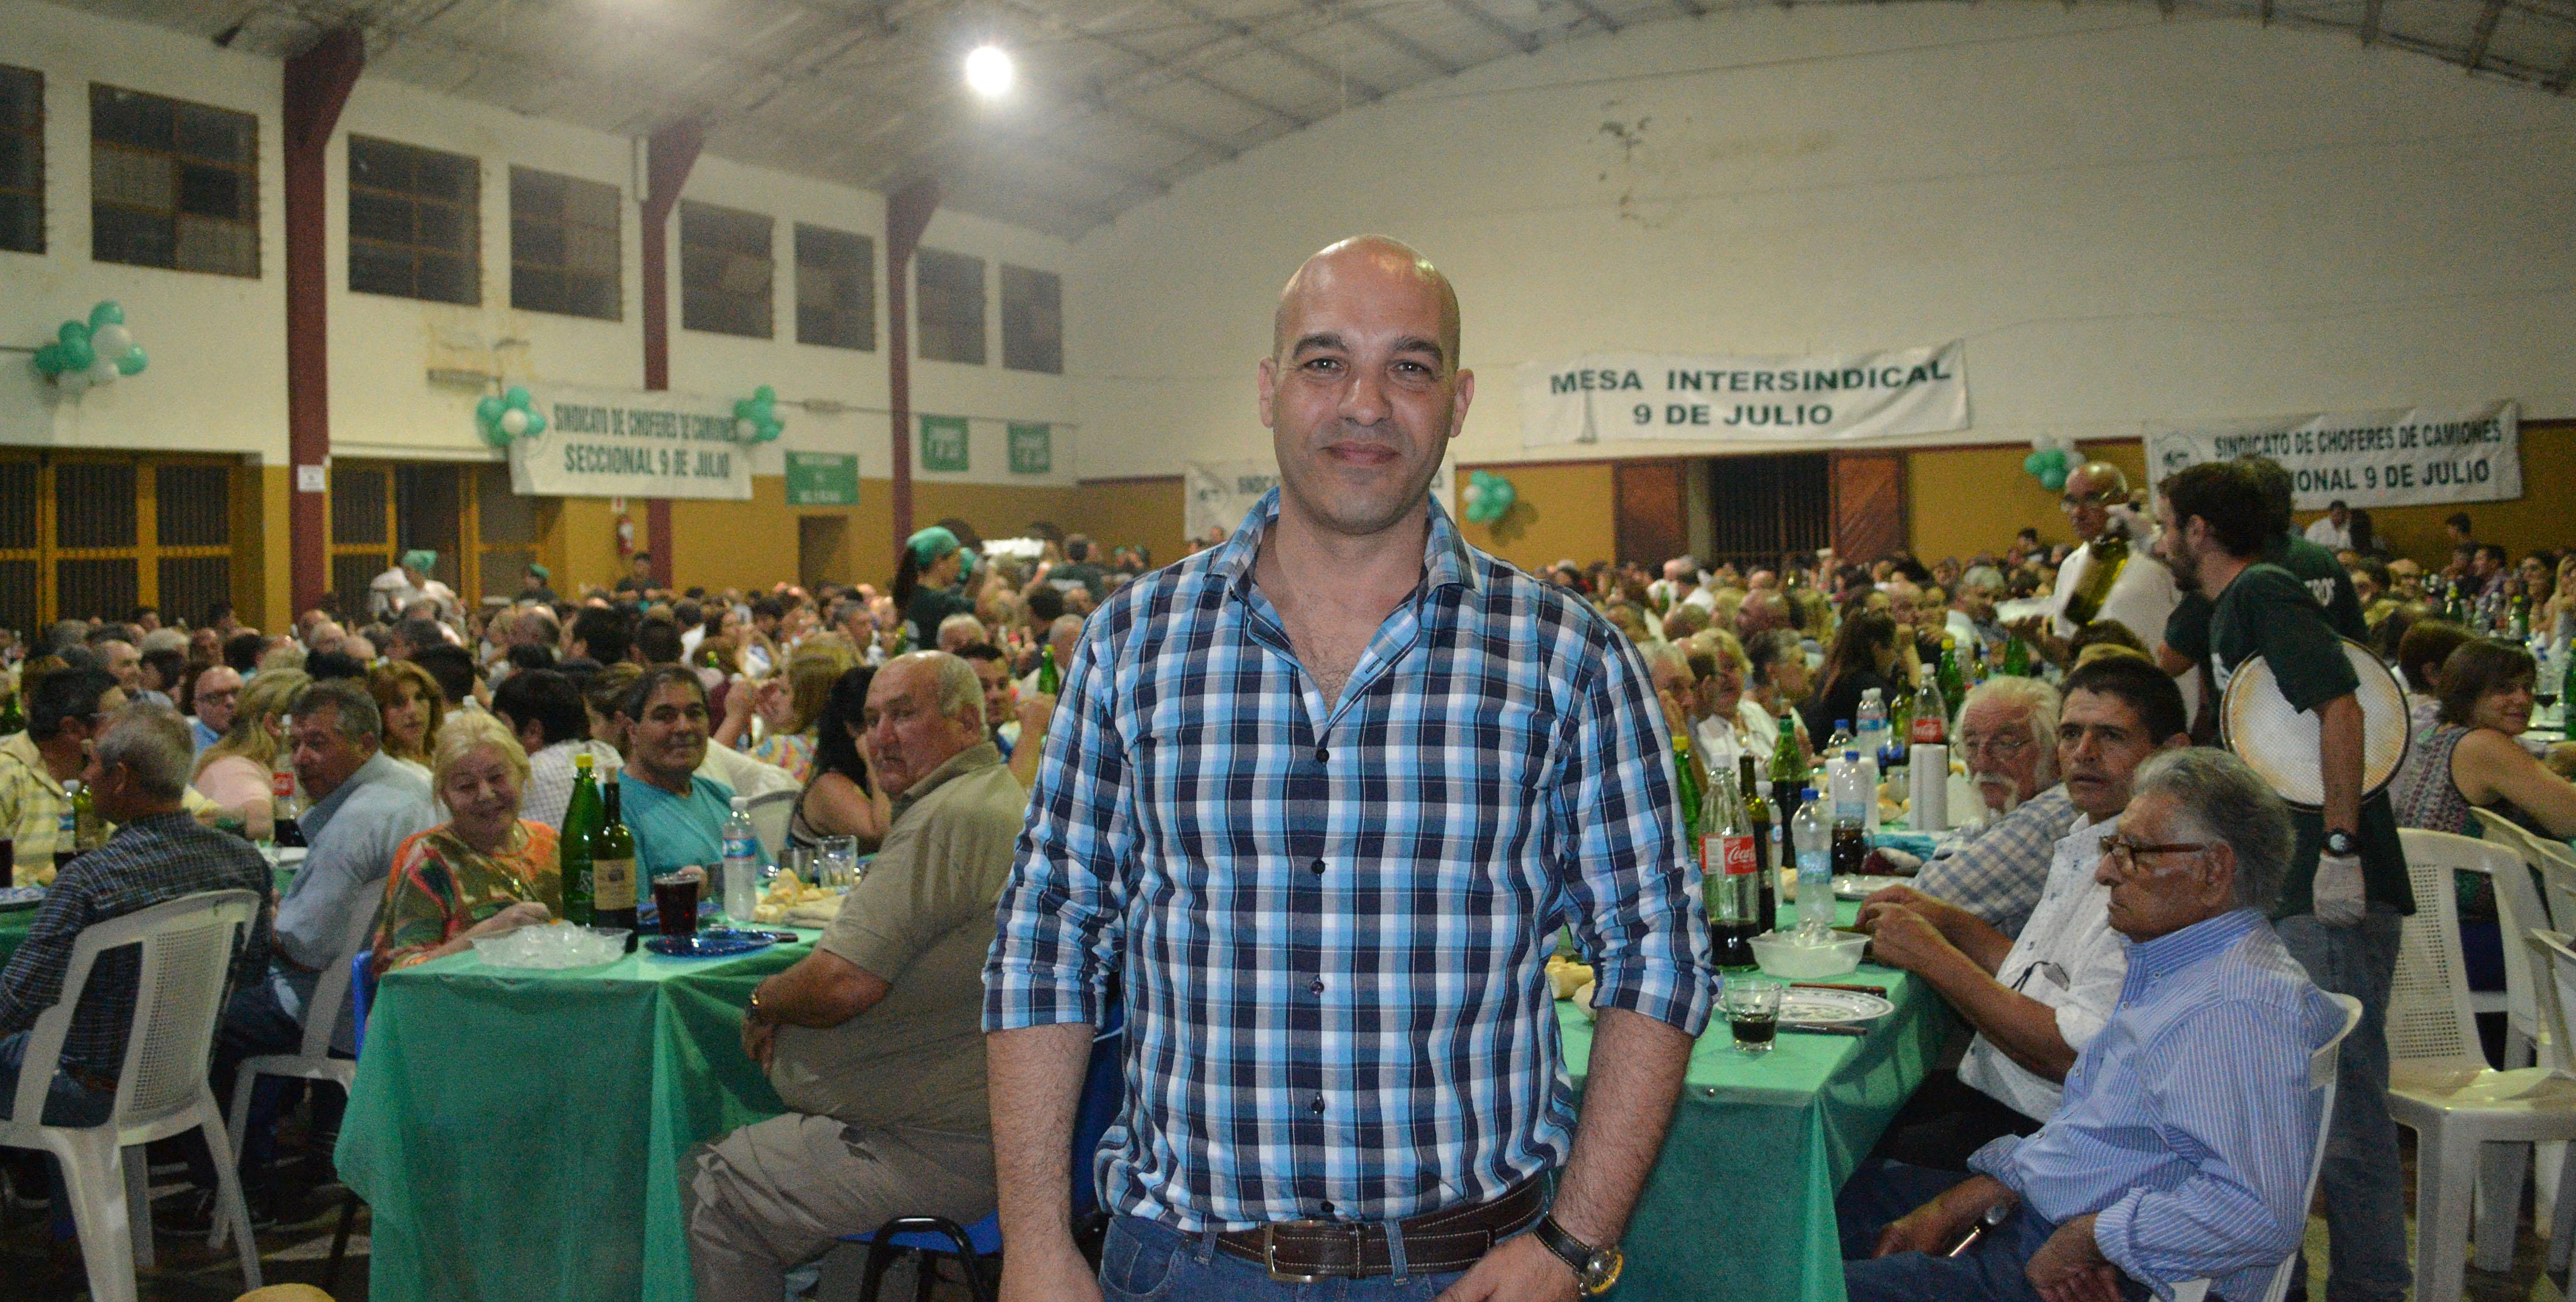 El Sindicato de Camioneros de 9 de Julio trazo un balance del año y compartió con afiliados una cena